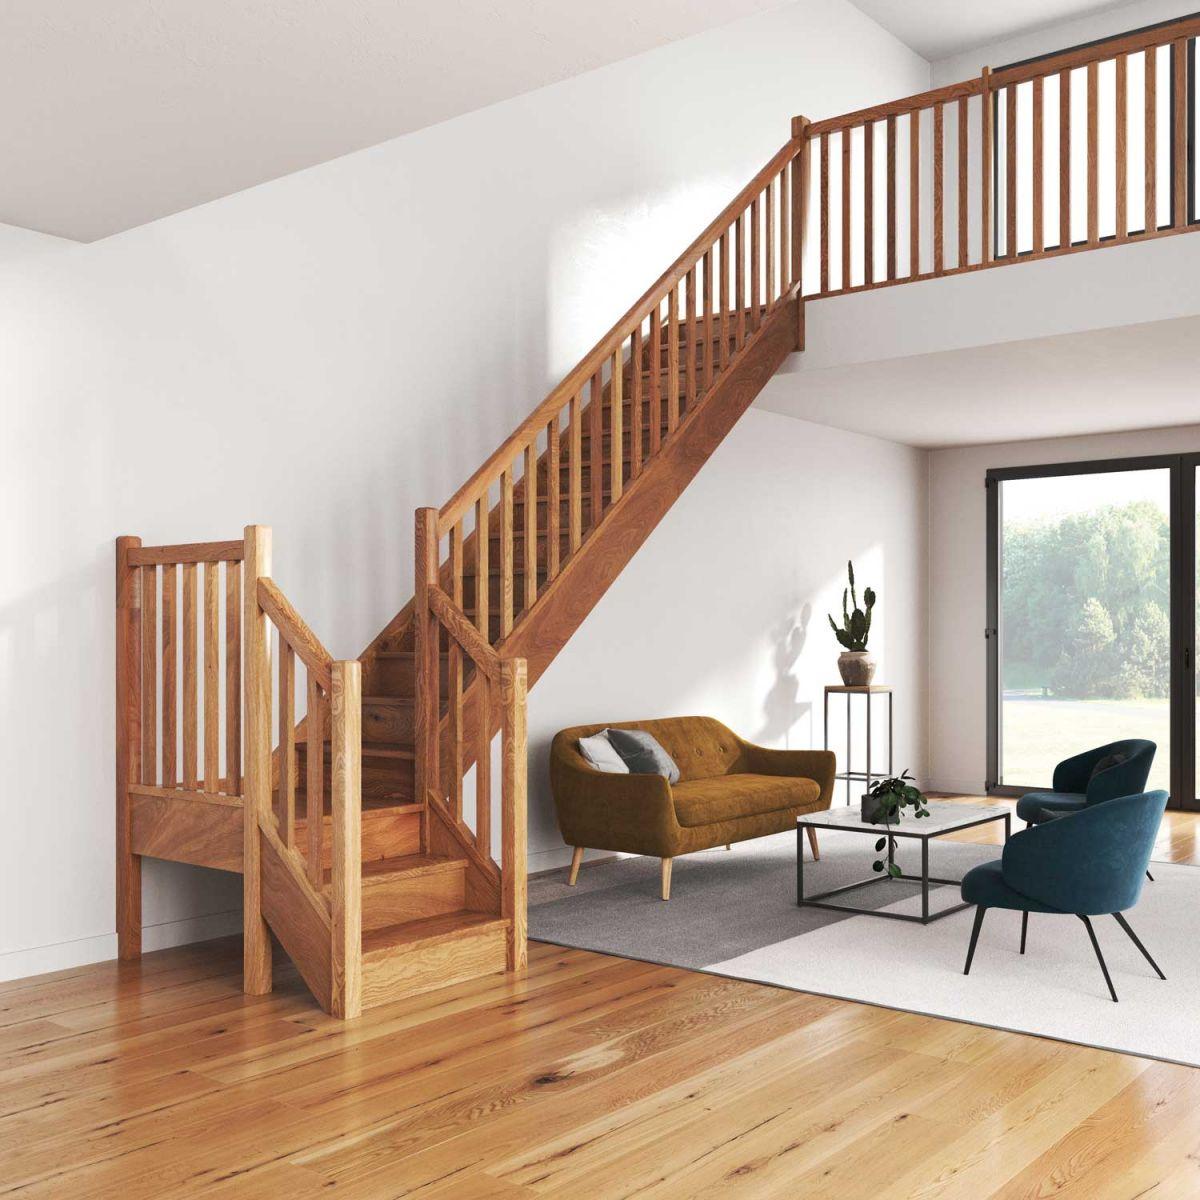 Modele D Escalier D Intérieur tous les modèles d'escalier simba | simba escalier